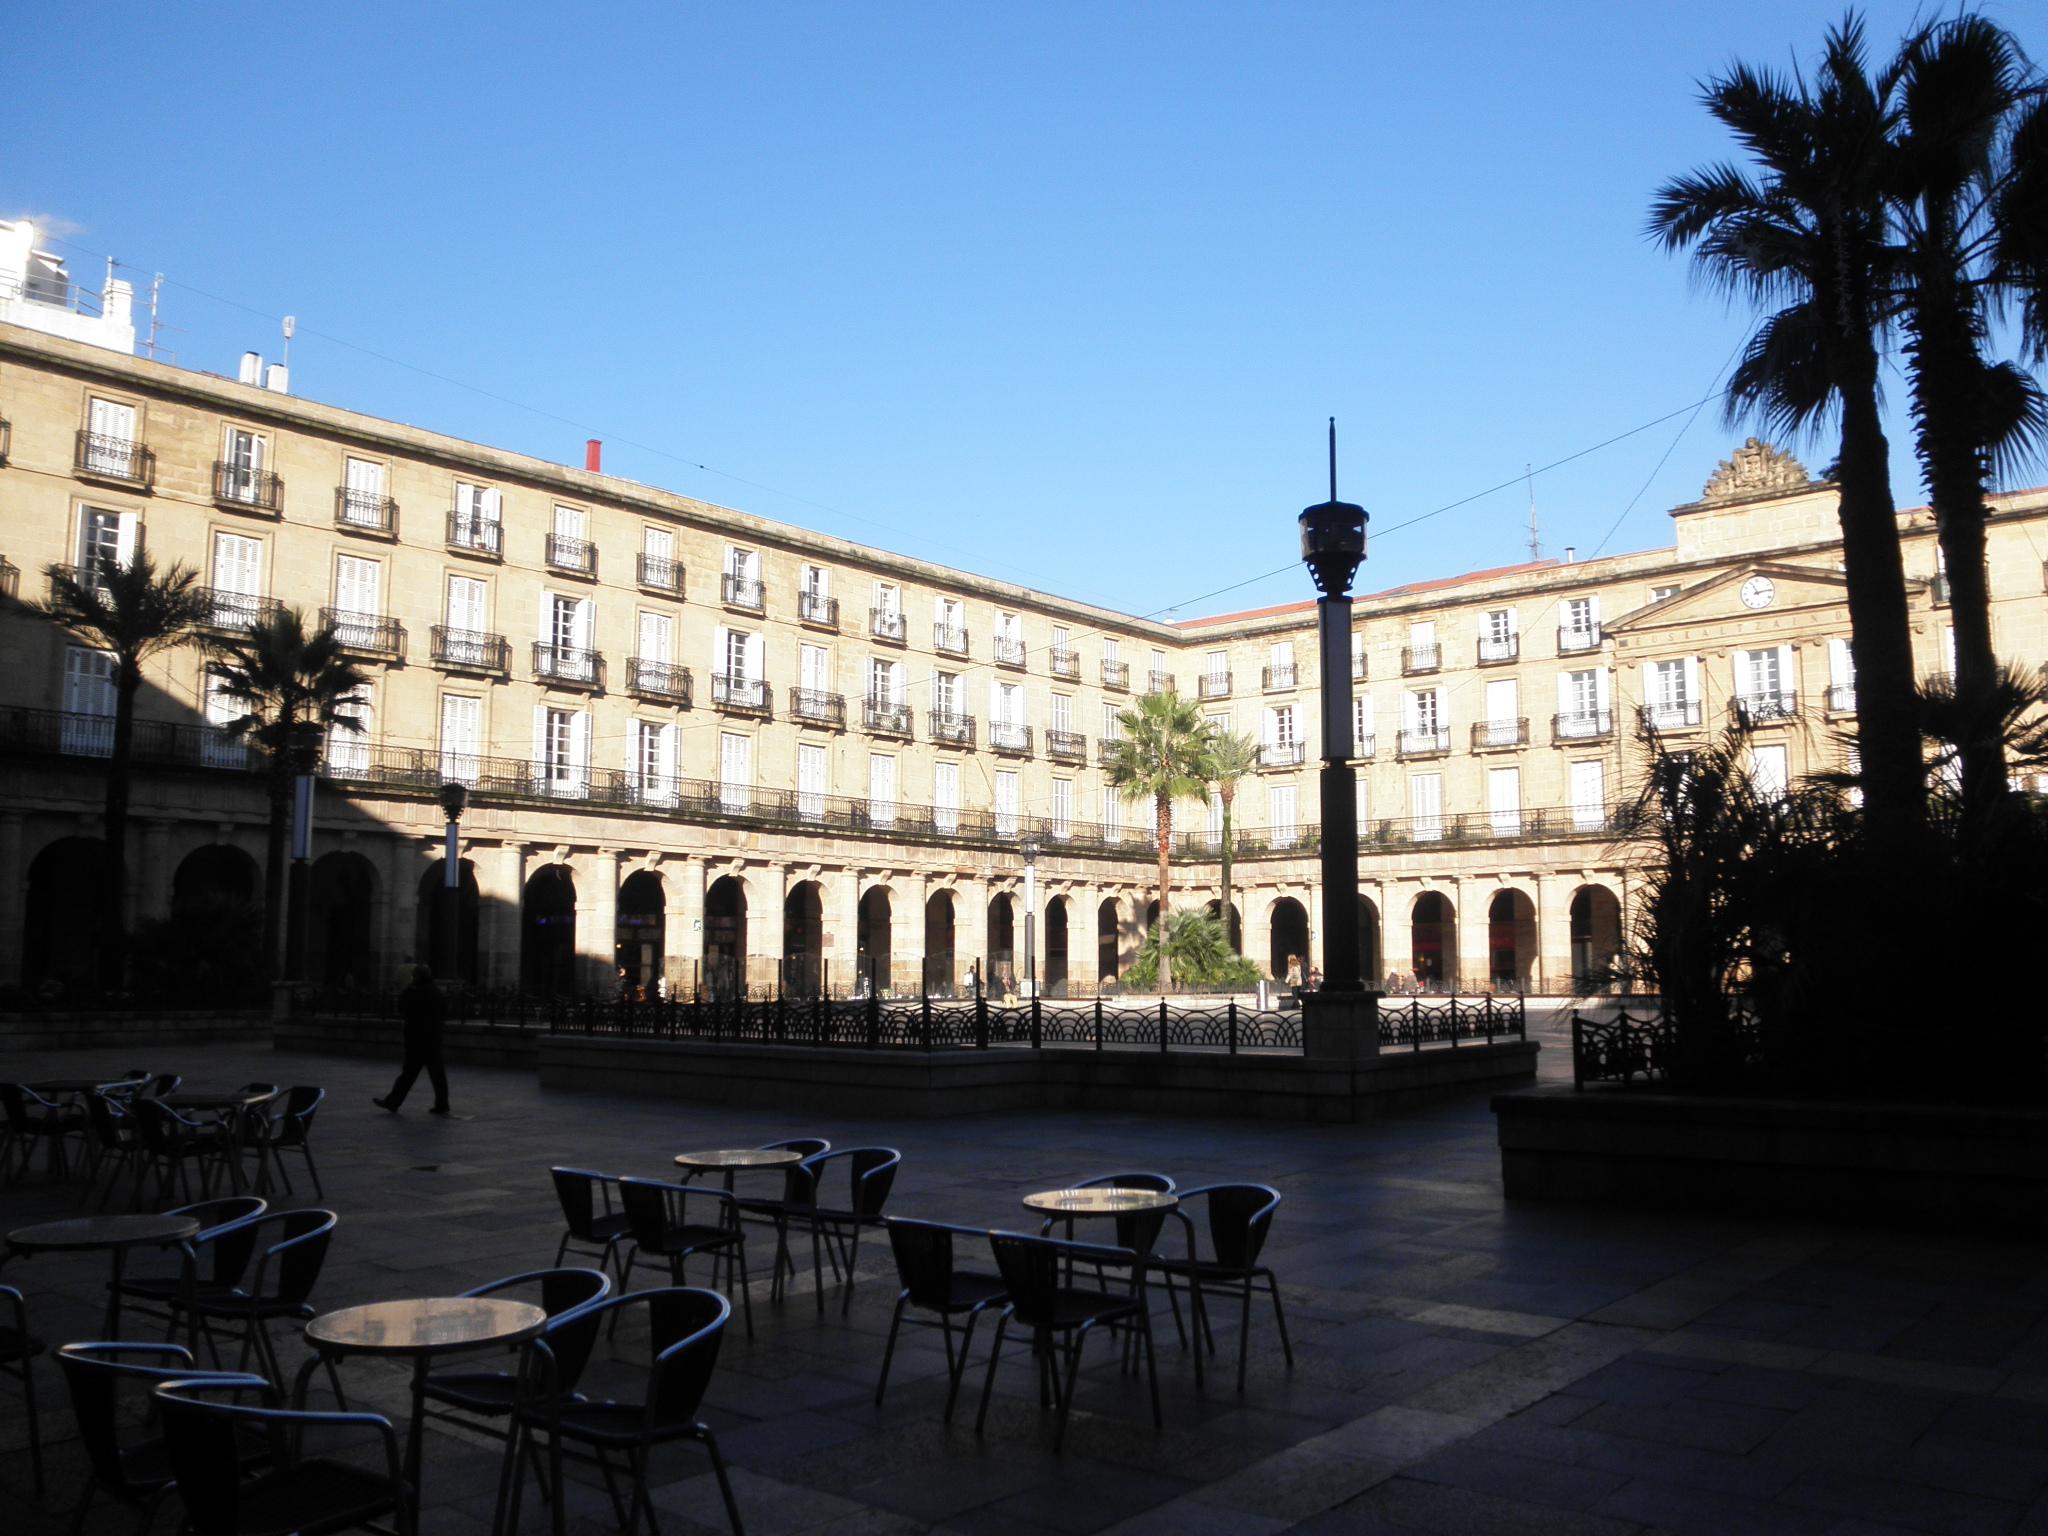 Paseando por bilbao plaza nueva y casco viejo - Casco antiguo de lisboa ...